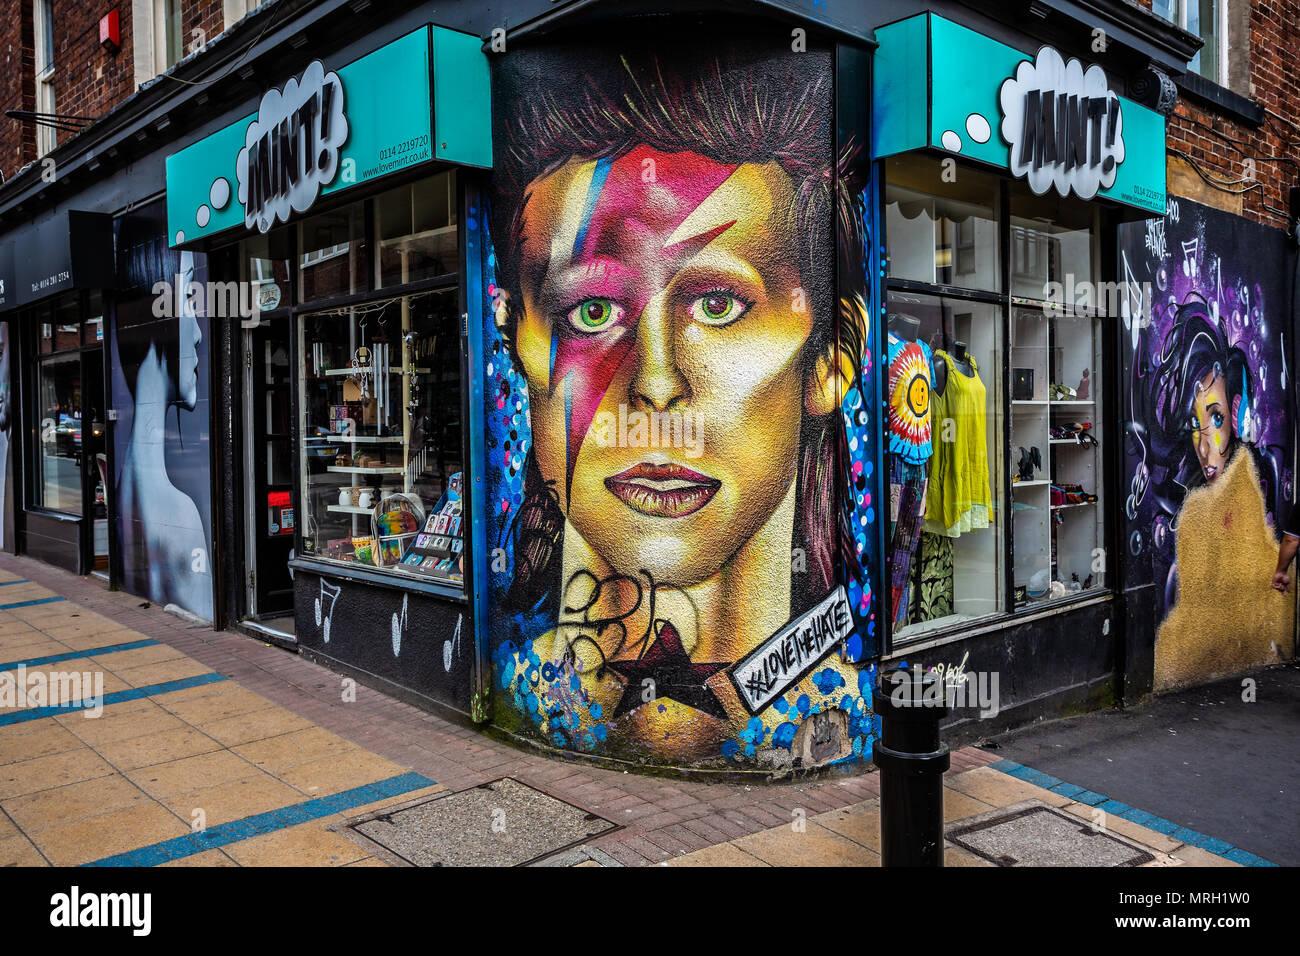 David bowie tribute mural in trafalgar street sheffield yorkshire uk taken on 18